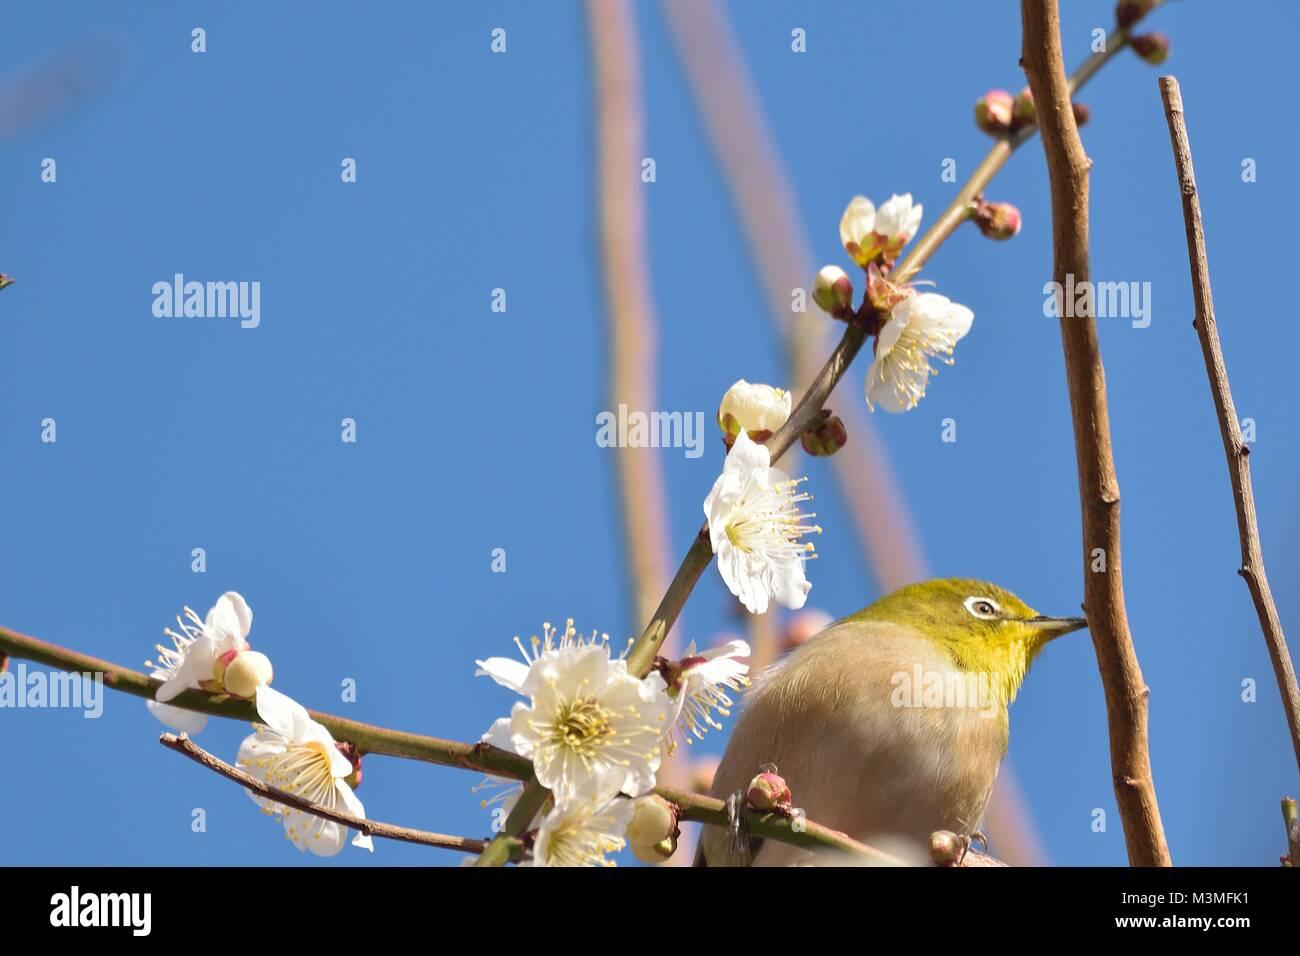 Japanische weiße Auge Vogel auf blühenden weißen Pflaumenblüten Baum Stockbild